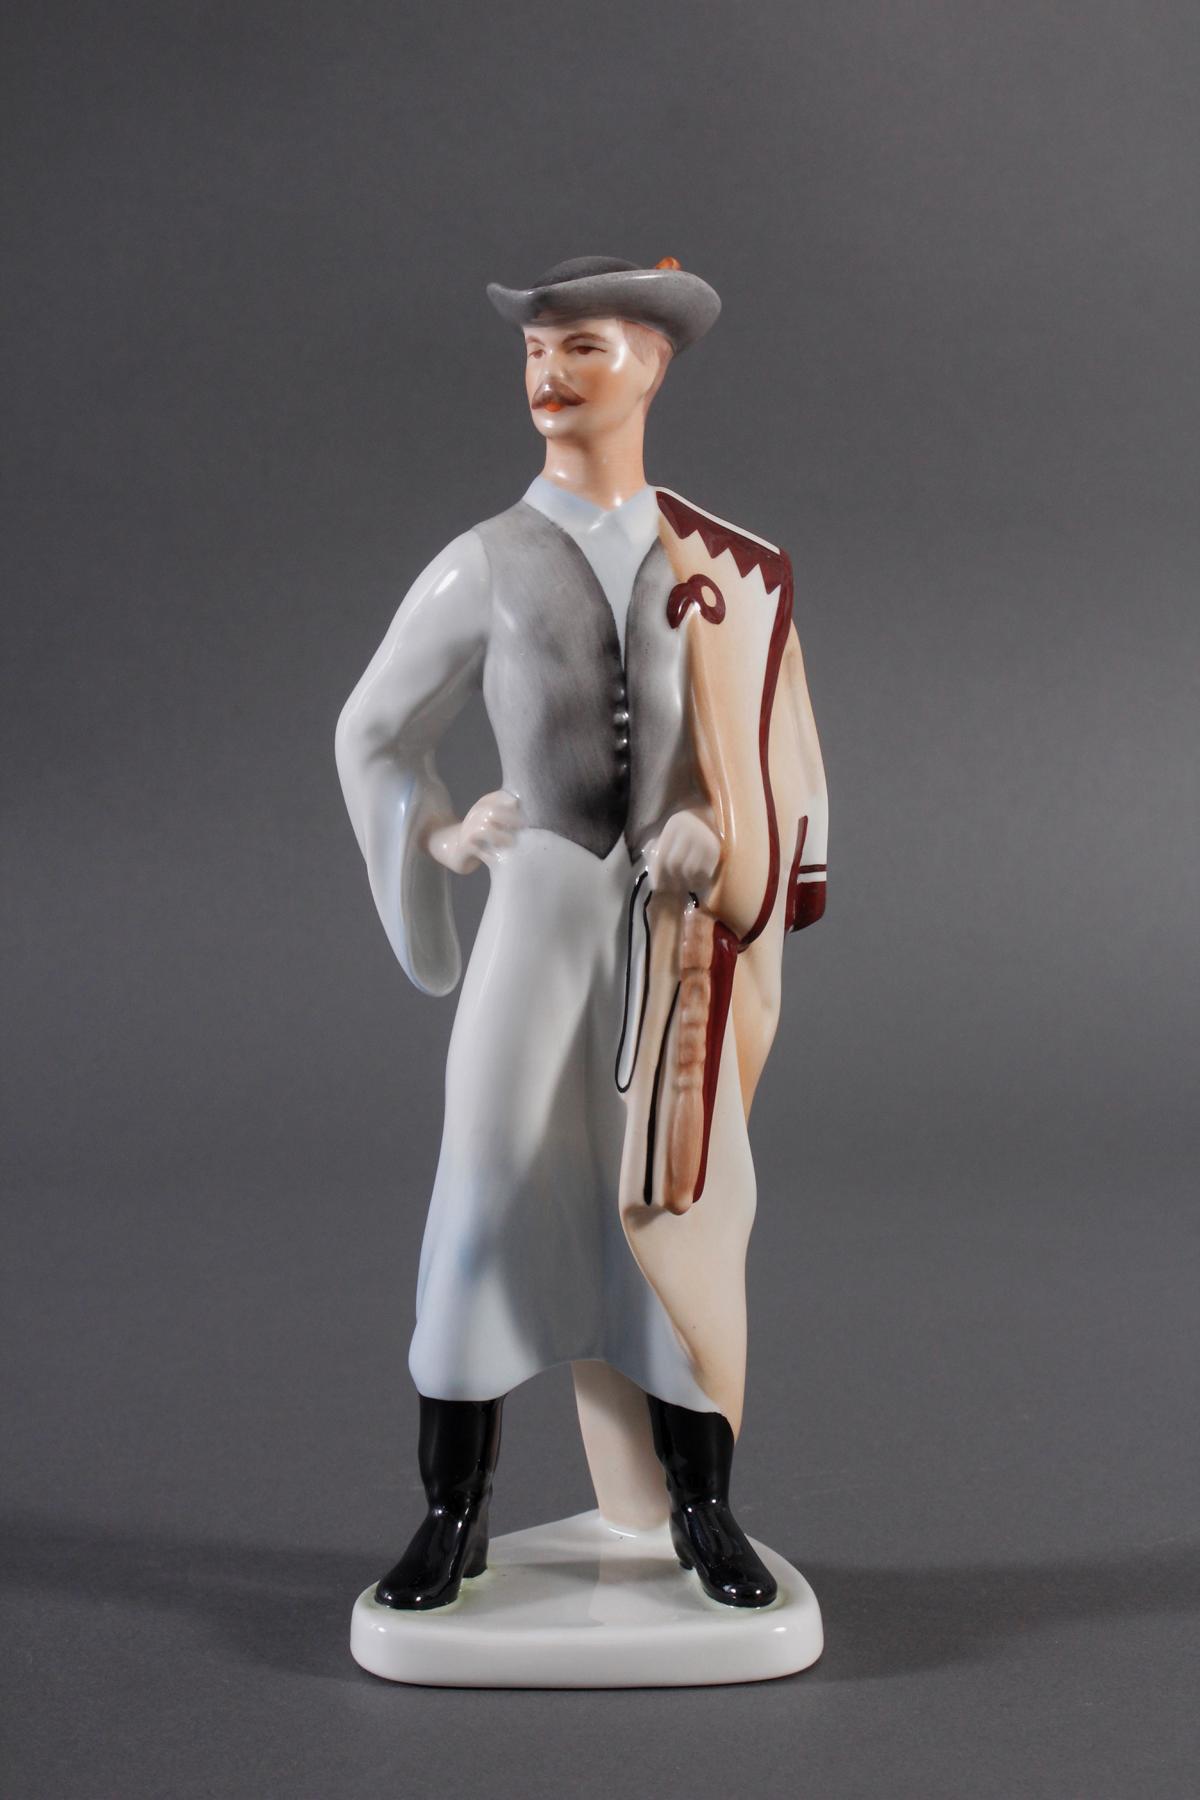 Porzellanfigur, Budapest Aquincum, 'Mann in Tracht'-2